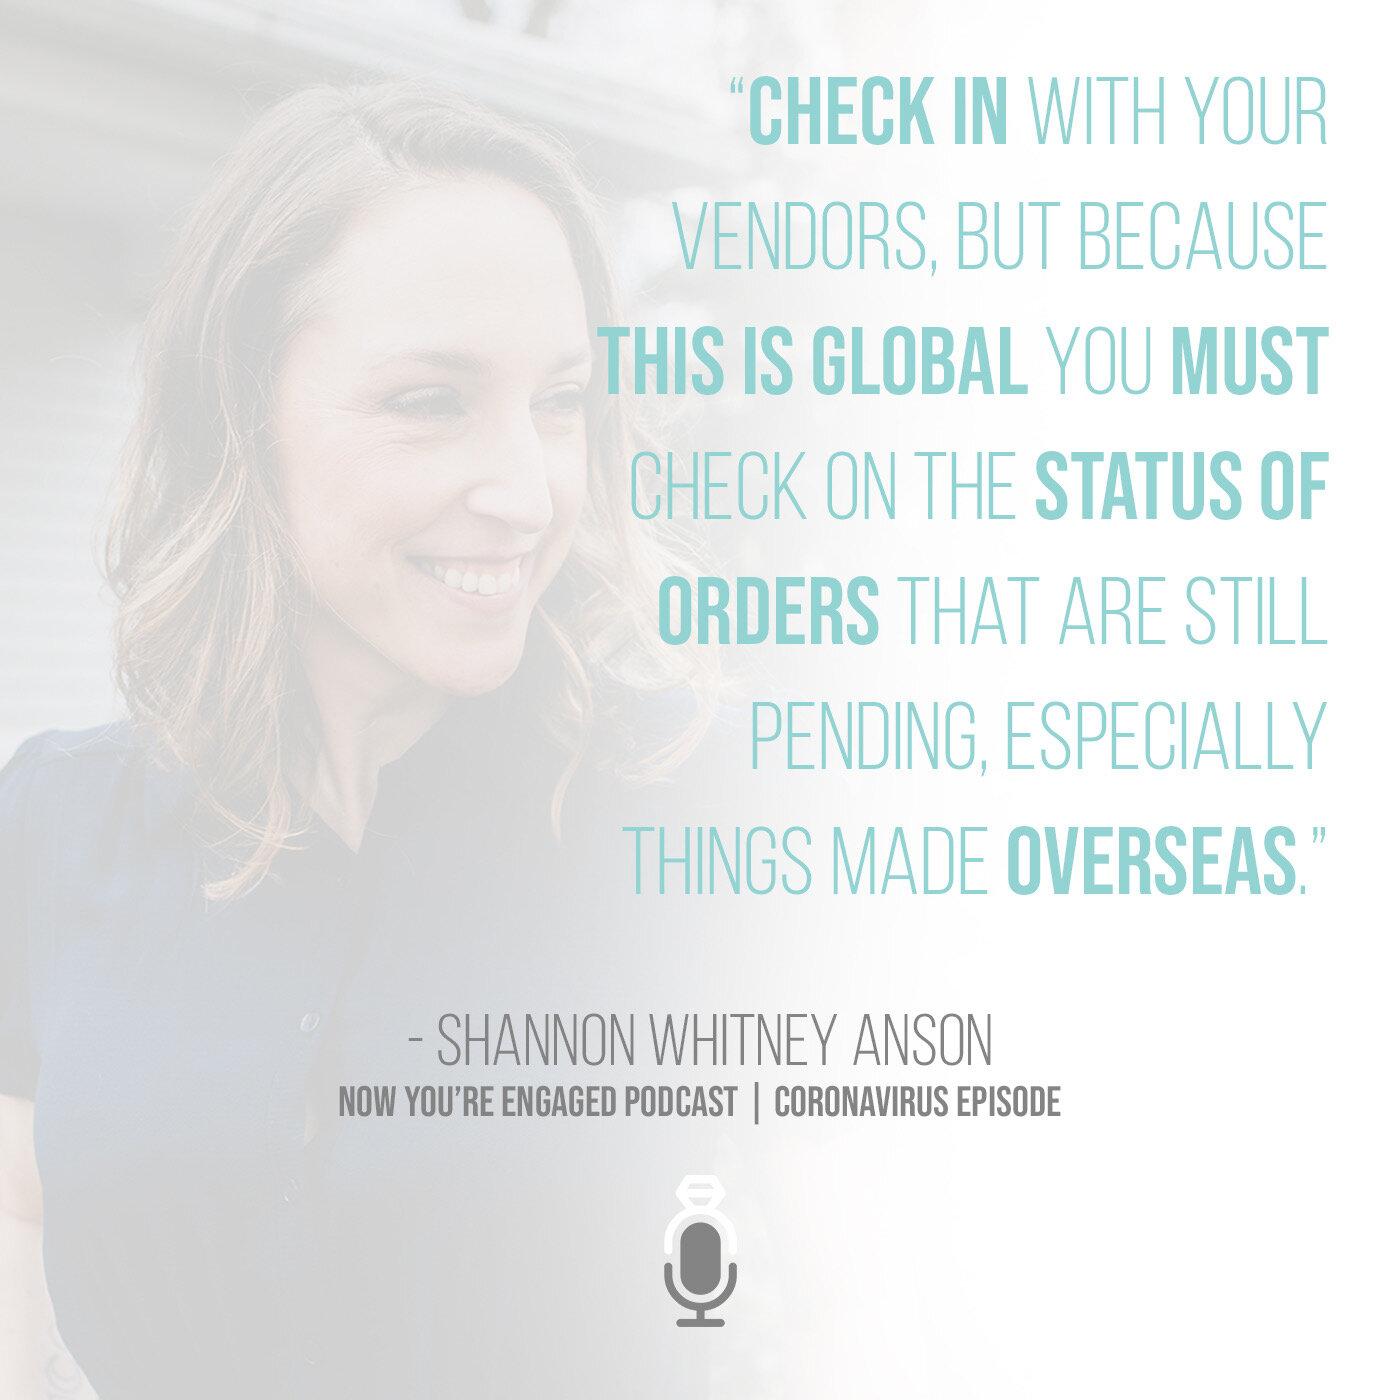 Shannon Whitney Anson wedding planning guide for coronavirus